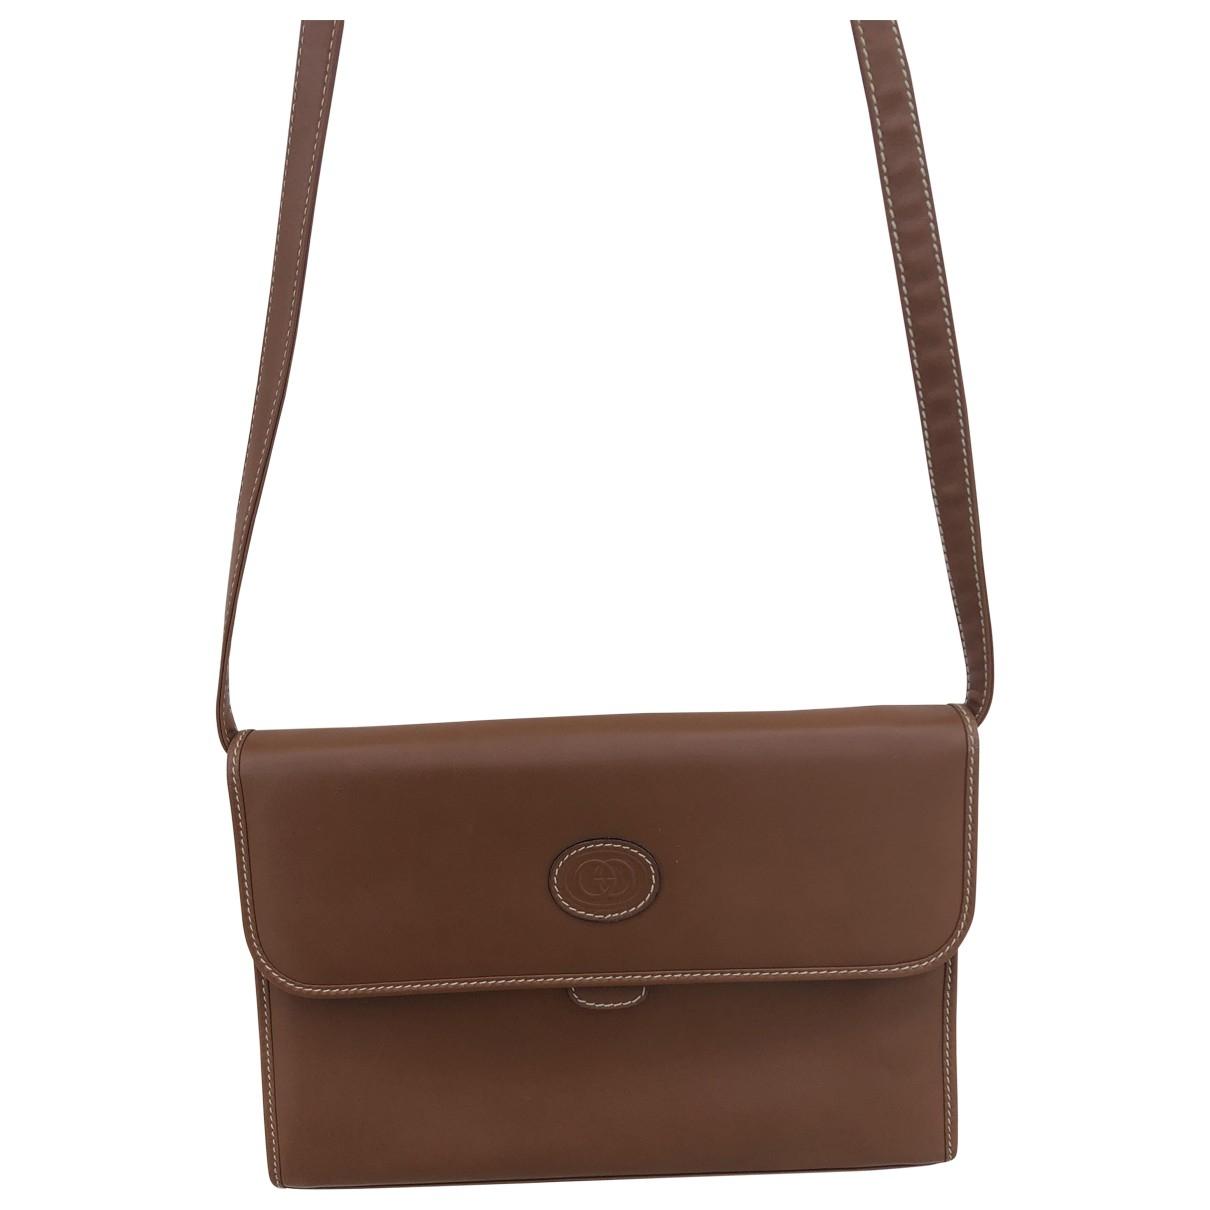 Gucci \N Handtasche in  Braun Leder